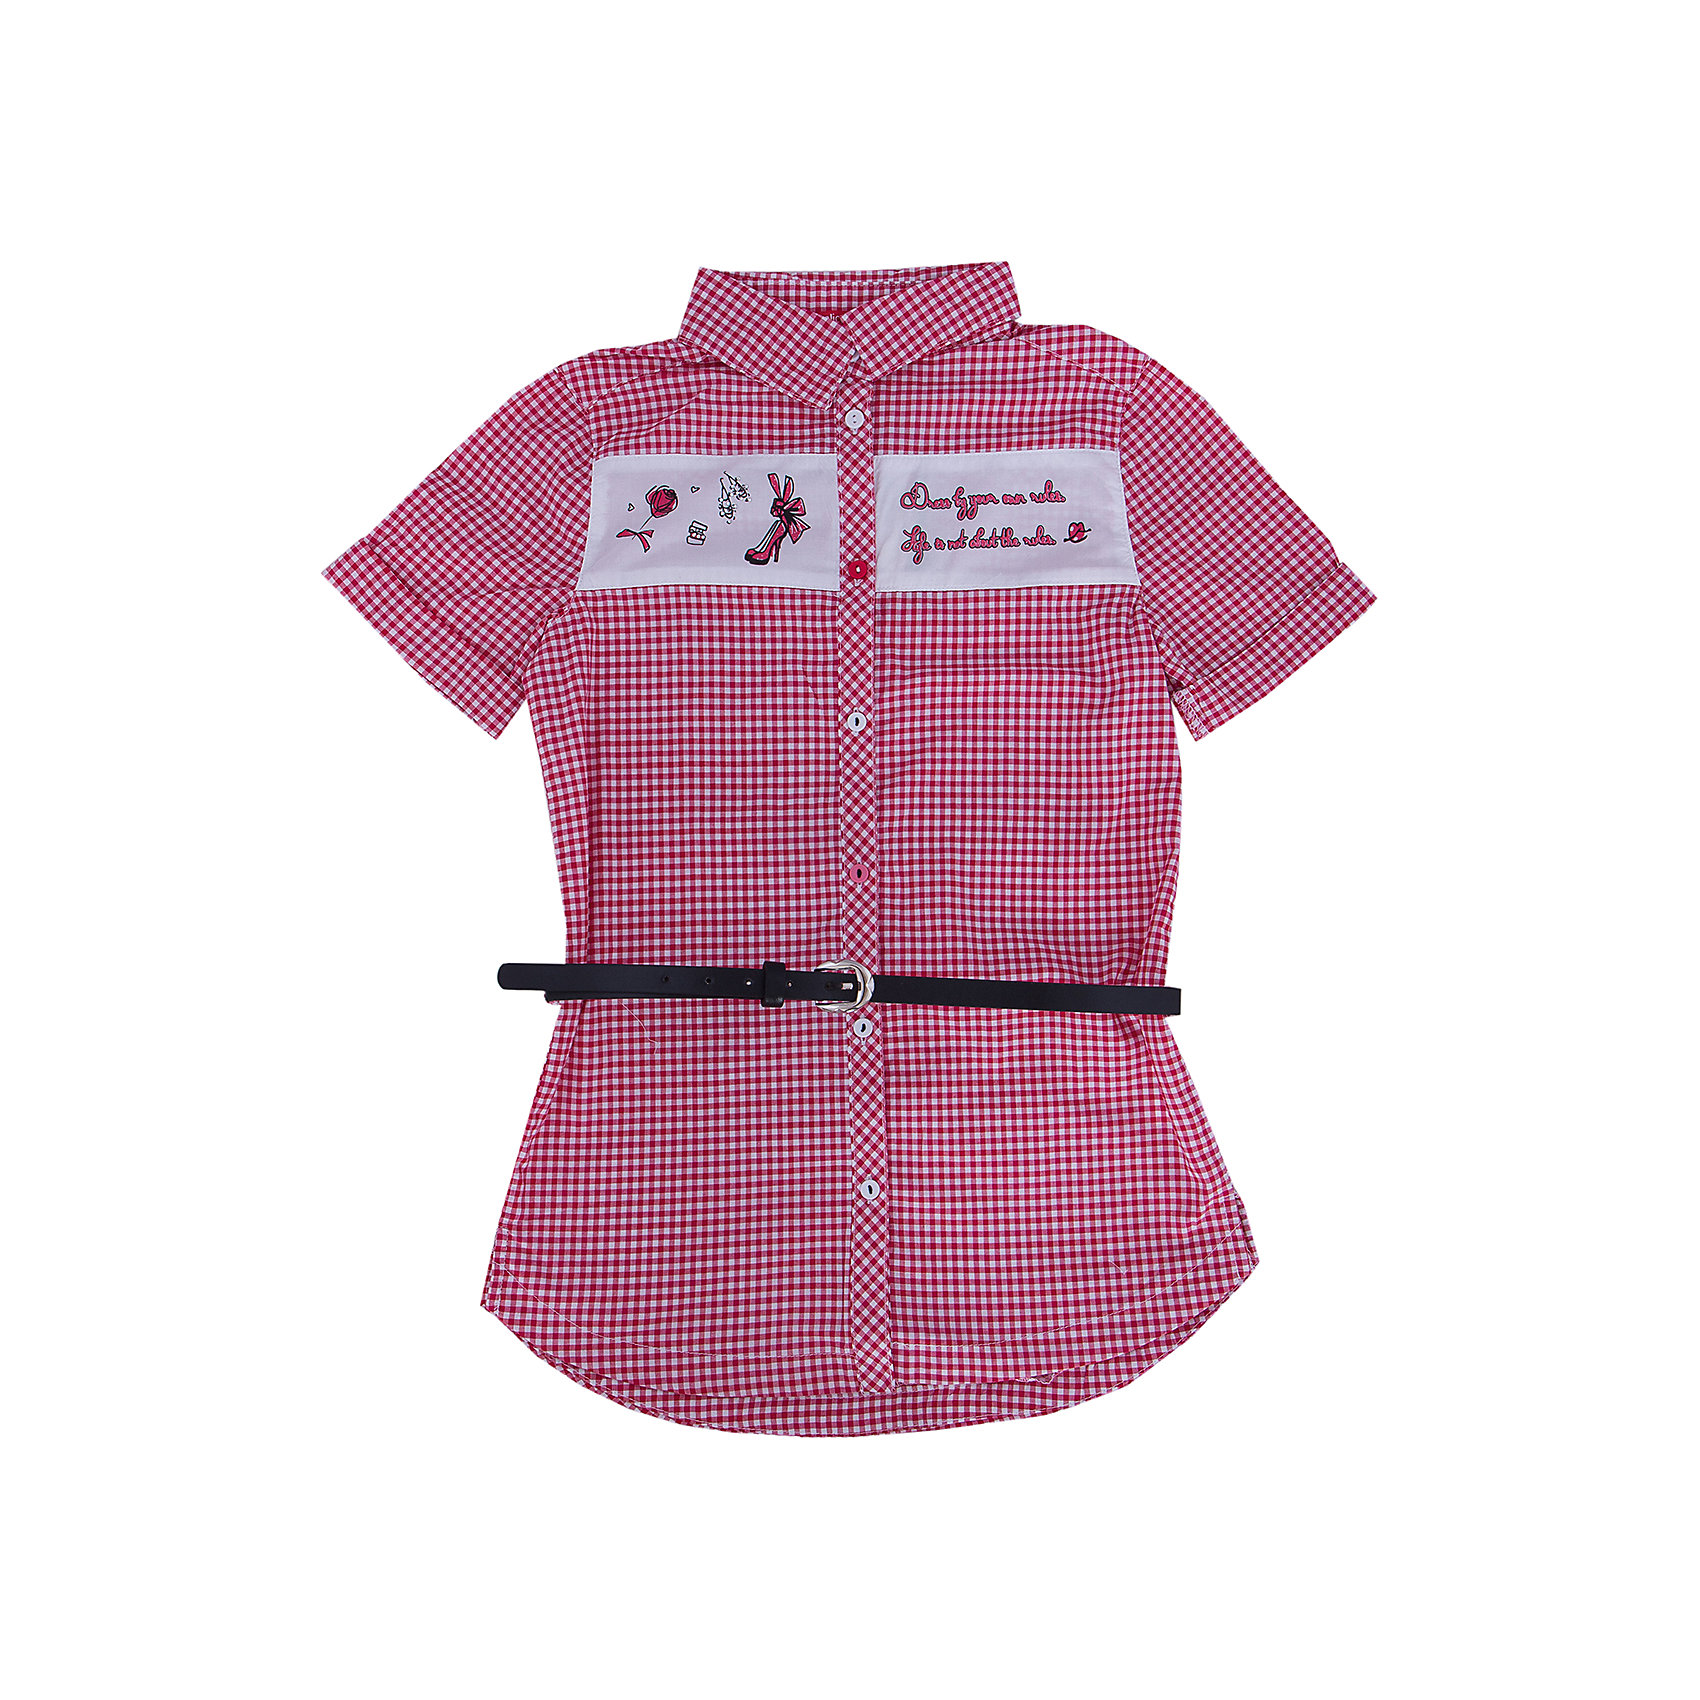 Блузка для девочки PELICANБлузки и рубашки<br>Модная удобная блузка для девочки поможет разнообразить гардероб ребенка, создать легкий подходящий погоде ансамбль. Удобный крой и качественный материал обеспечат ребенку комфорт при ношении этого изделия. <br>Блузка очень симпатично смотрится благодаря актуальному дизайну и удлиненному силуэту. Изделие украшено вставкой с принтом и стразами. Рукава - короткие. Материал - легкий, отлично подходит для лета, состоит из дышащего натурального хлопка. Очень приятен на ощупь, не вызывает аллергии. В комплекте  - стильный ремешок из искусственной кожи.<br><br>Дополнительная информация:<br><br>материал: 100% хлопок;<br>цвет: в клетку;<br>принт и стразы;<br>ремешок из искусственной кожи;<br>рукава короткие.<br><br>Блузку для девочки от бренда PELICAN (Пеликан) можно купить в нашем магазине.<br><br>Ширина мм: 186<br>Глубина мм: 87<br>Высота мм: 198<br>Вес г: 197<br>Цвет: розовый<br>Возраст от месяцев: 96<br>Возраст до месяцев: 108<br>Пол: Женский<br>Возраст: Детский<br>Размер: 134,140,128,122,146<br>SKU: 4805203